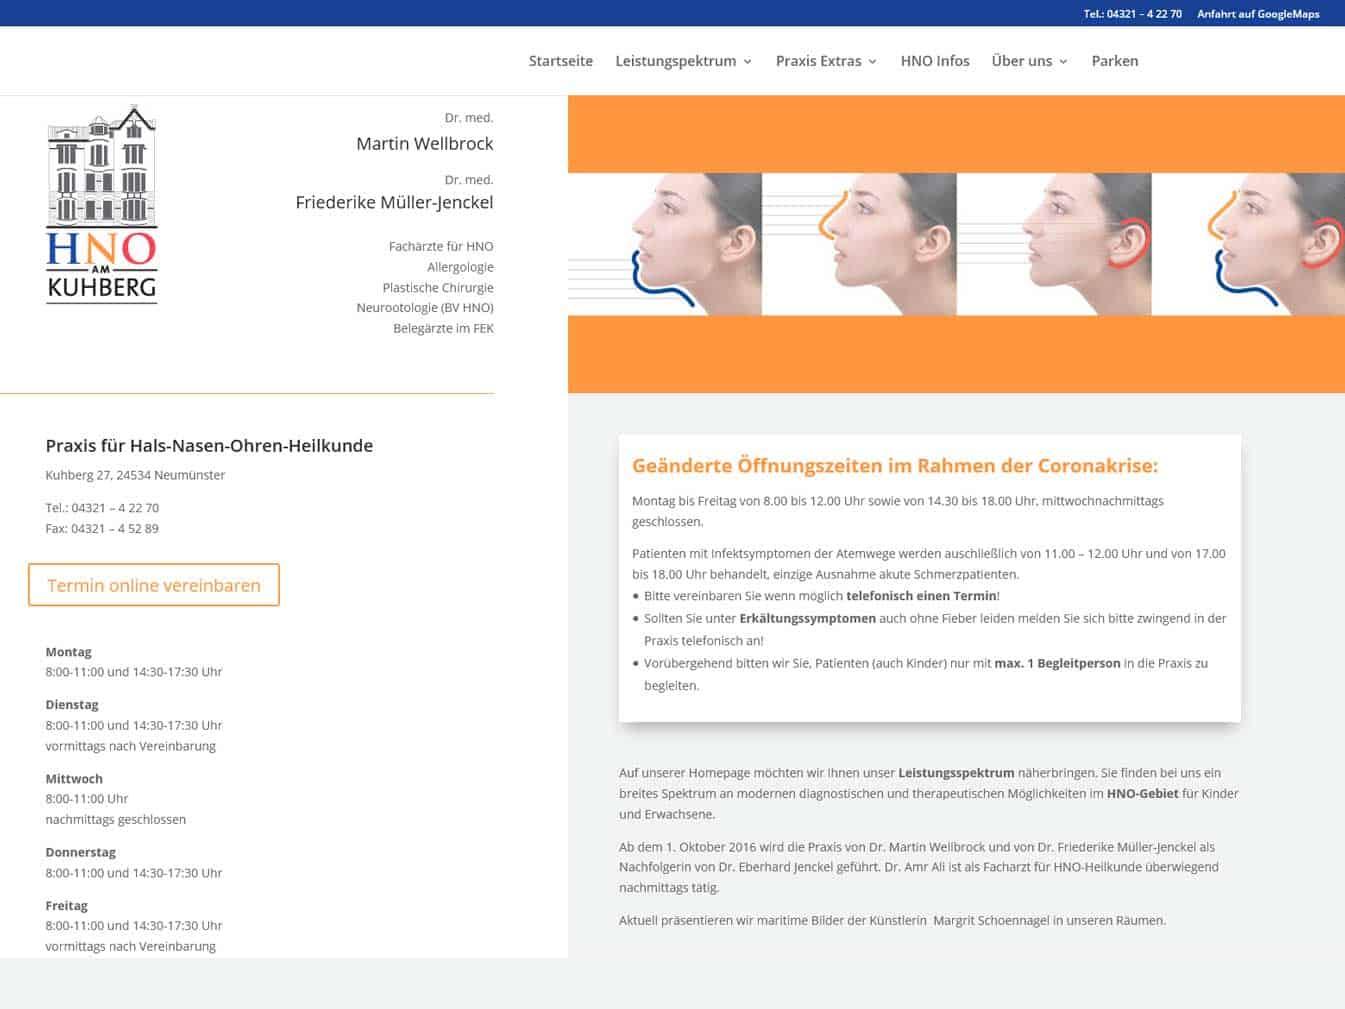 Webdesign für HNO am Kuhberg